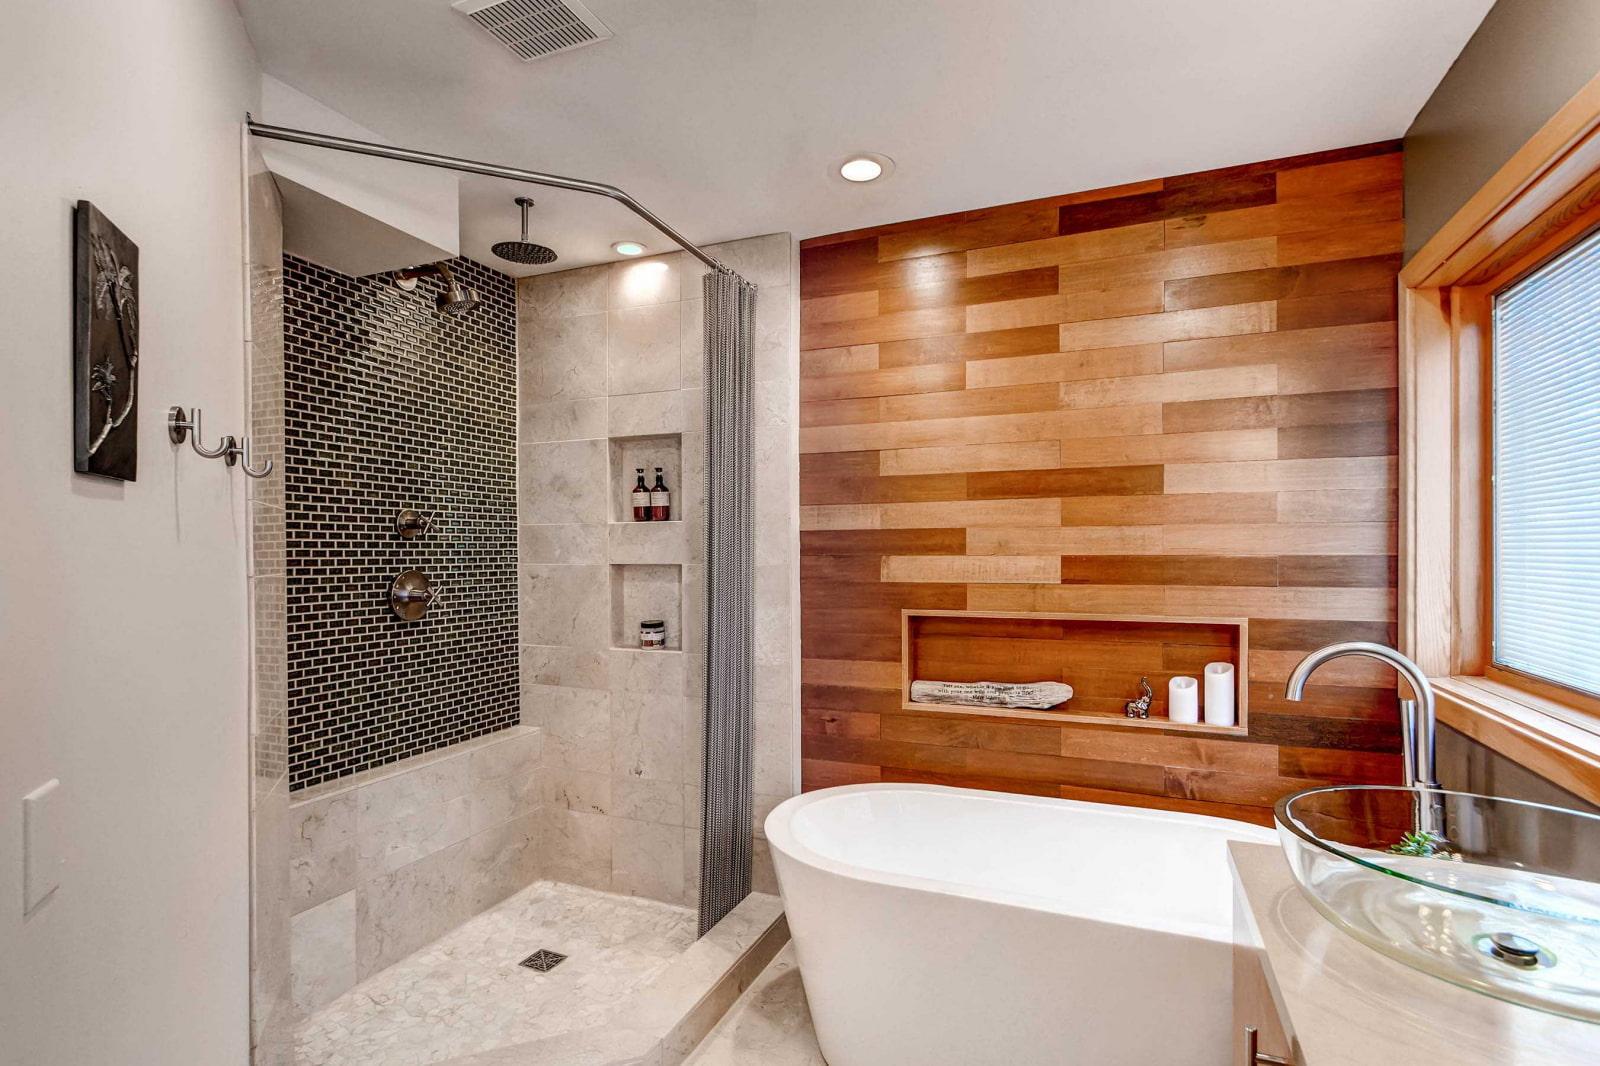 Отделка стен в кухни и ванной